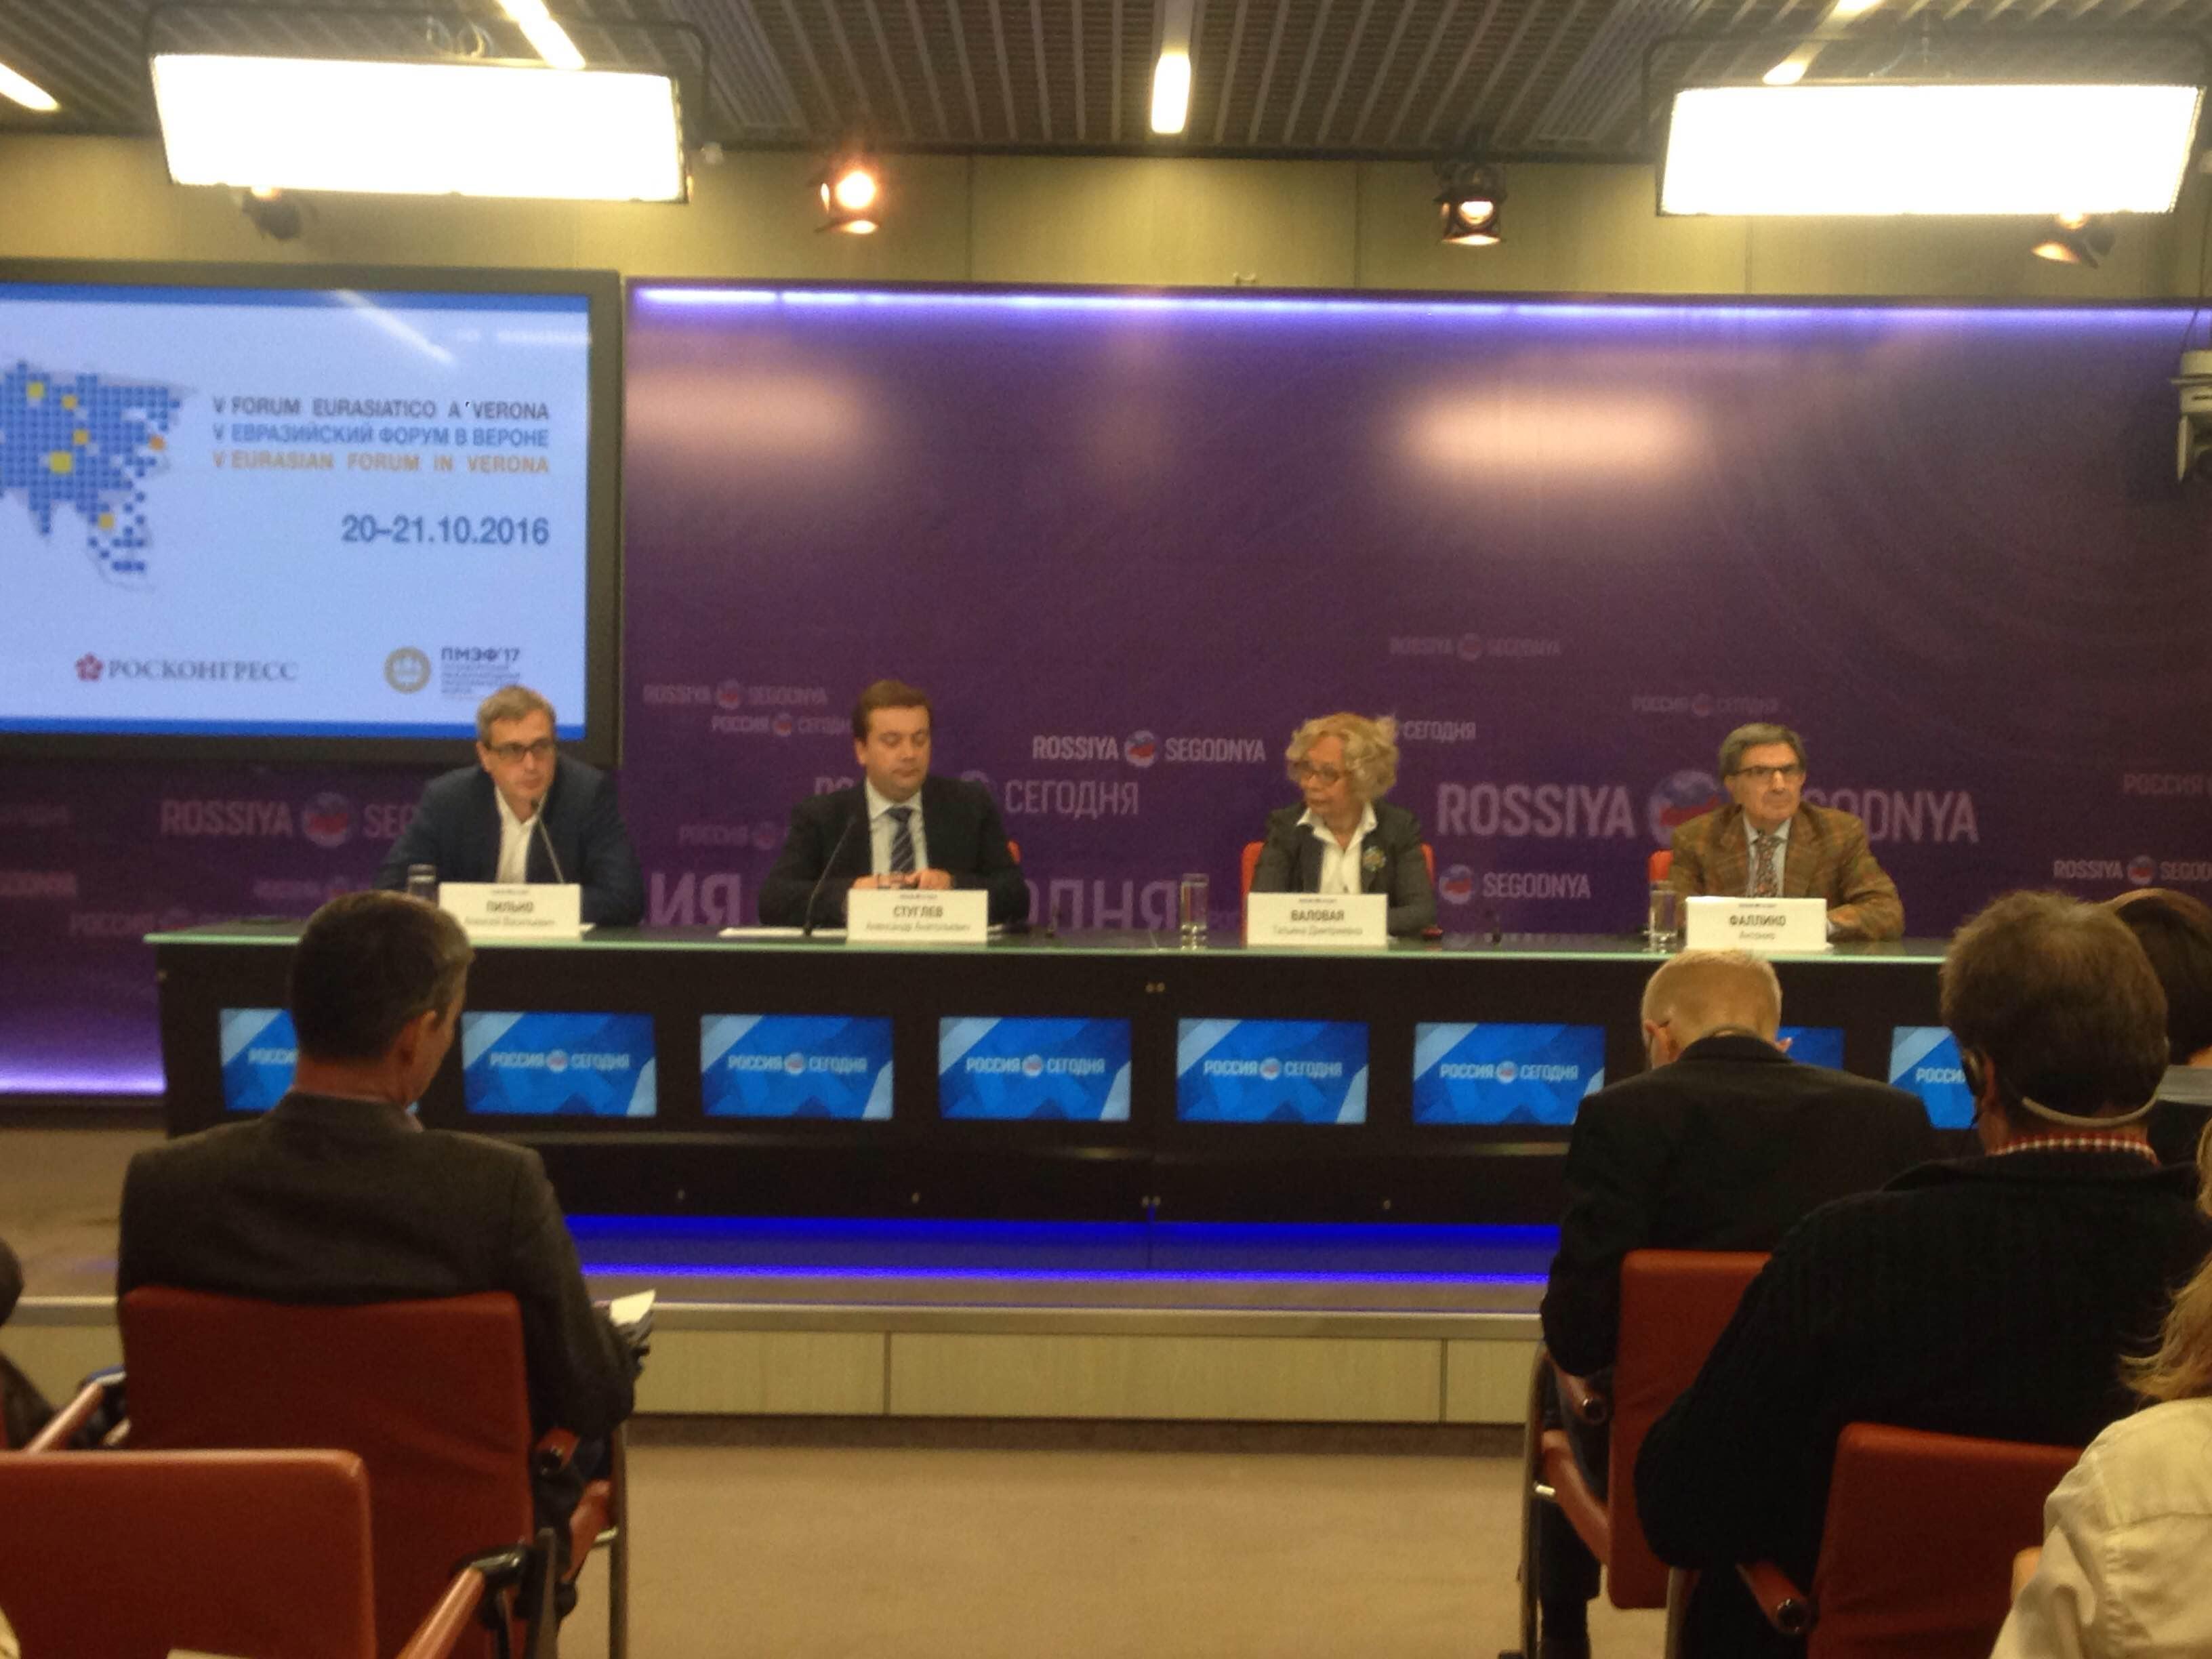 Un momento della conferenza stampa di presentazione del Forum.